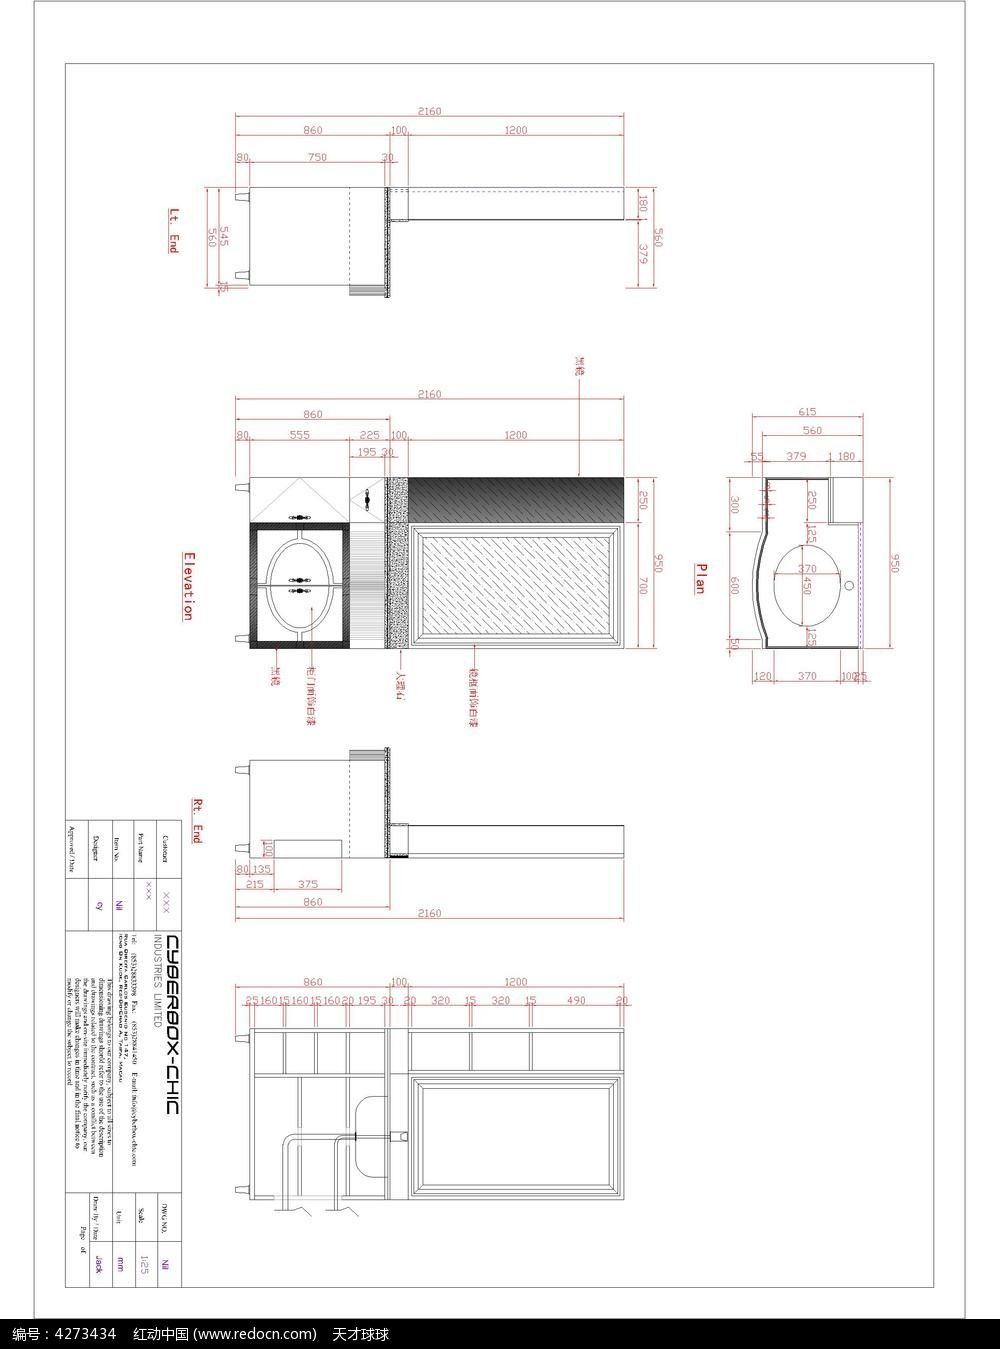 洗手间梳洗台CAD图纸_CAD图纸图片素材cad圆心点显示图片